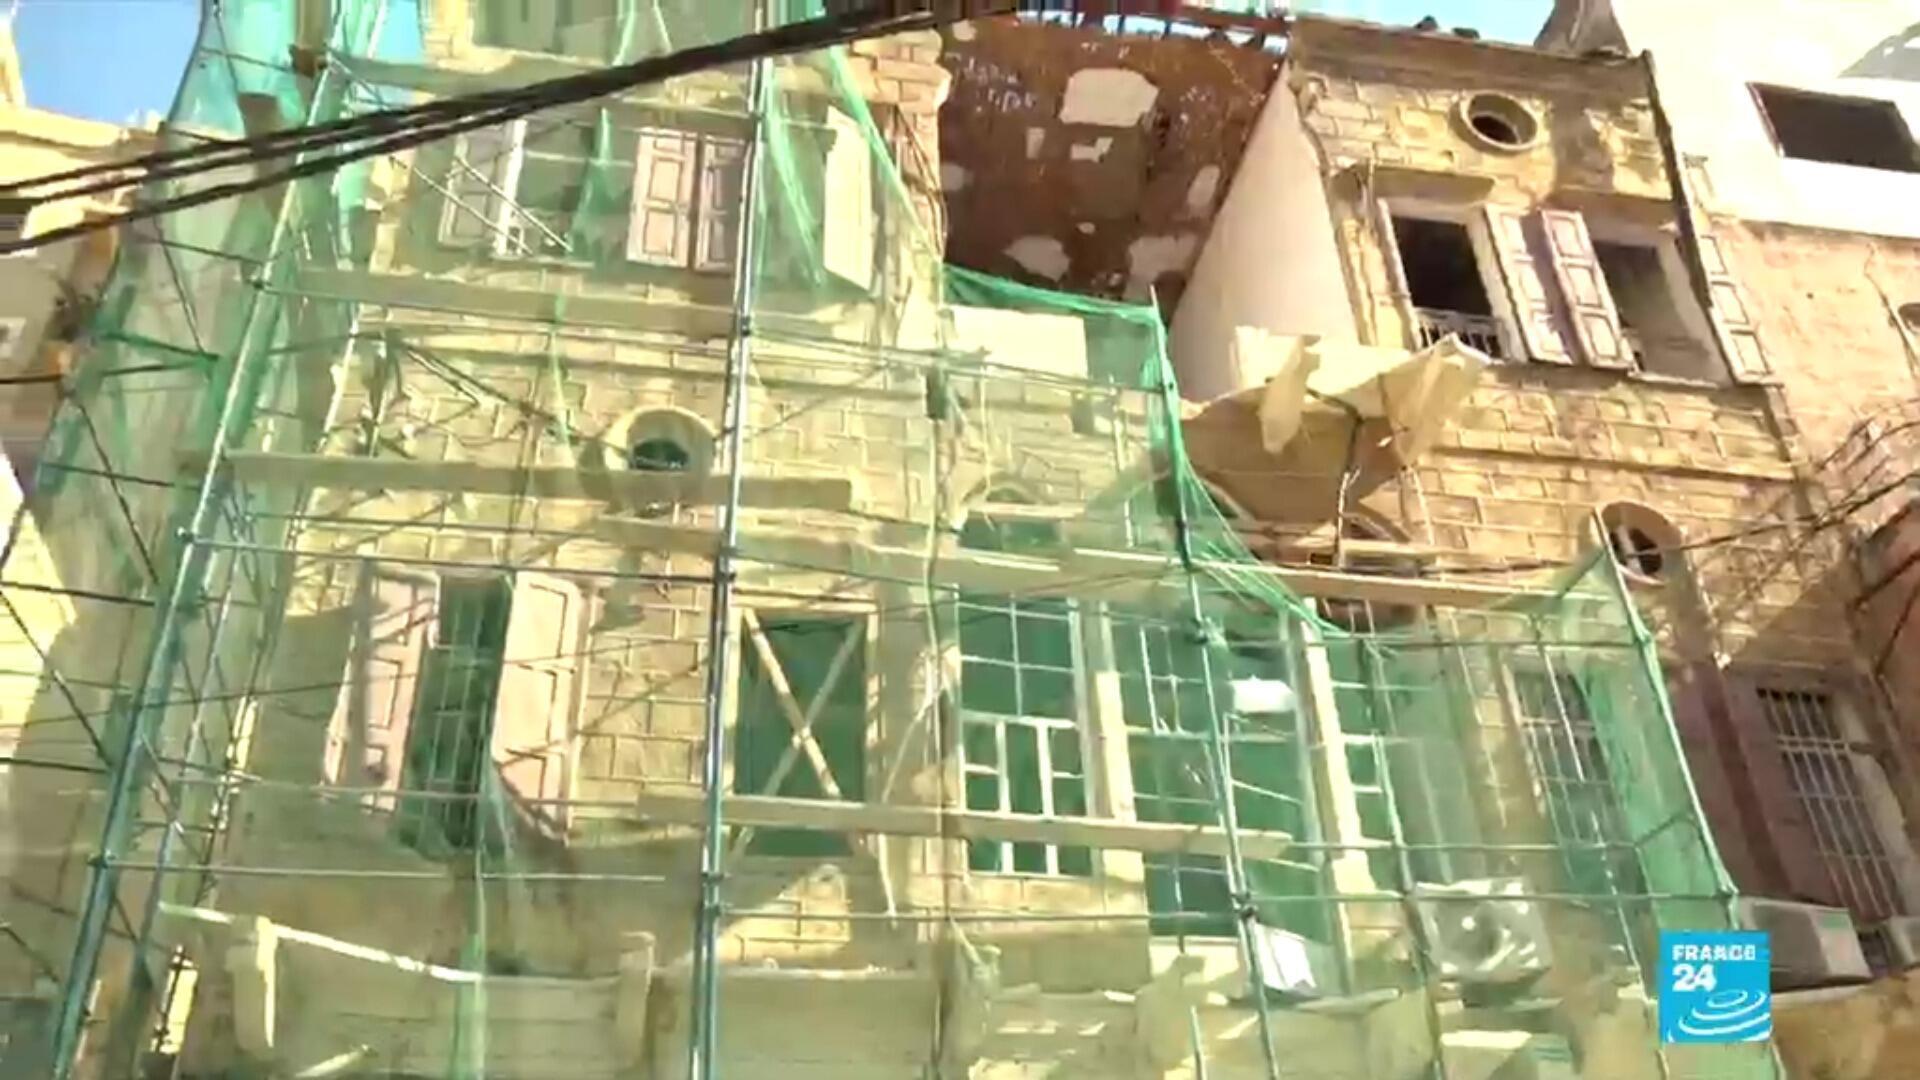 Dans la capitale libanaise dévastée par la double explosion du 4 août, les propriétaires désemparés dénoncent l'arrivée de promoteurs immobiliers, prêts à racheter des bâtisses typiques et endommagées.